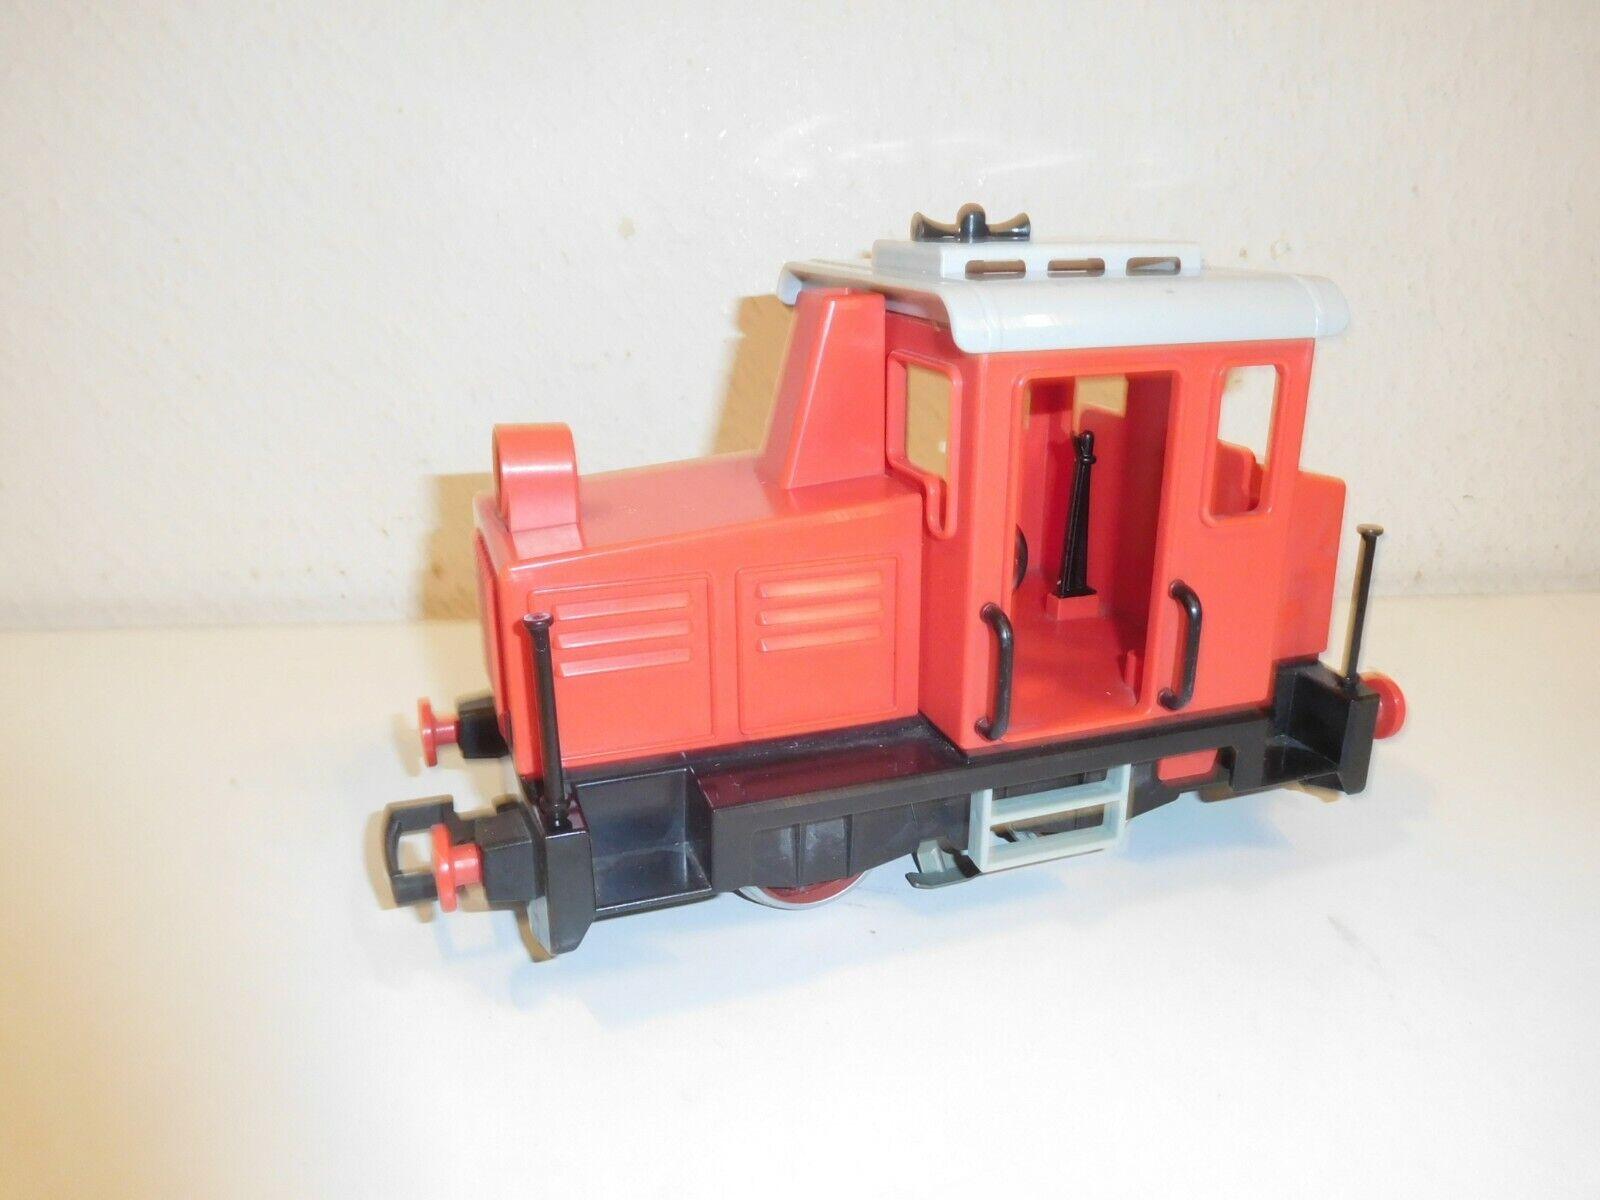 moda classica PLAYMOBIL trainlocomotive LGB 4050 4050 4050 (2)  divertiti con uno sconto del 30-50%